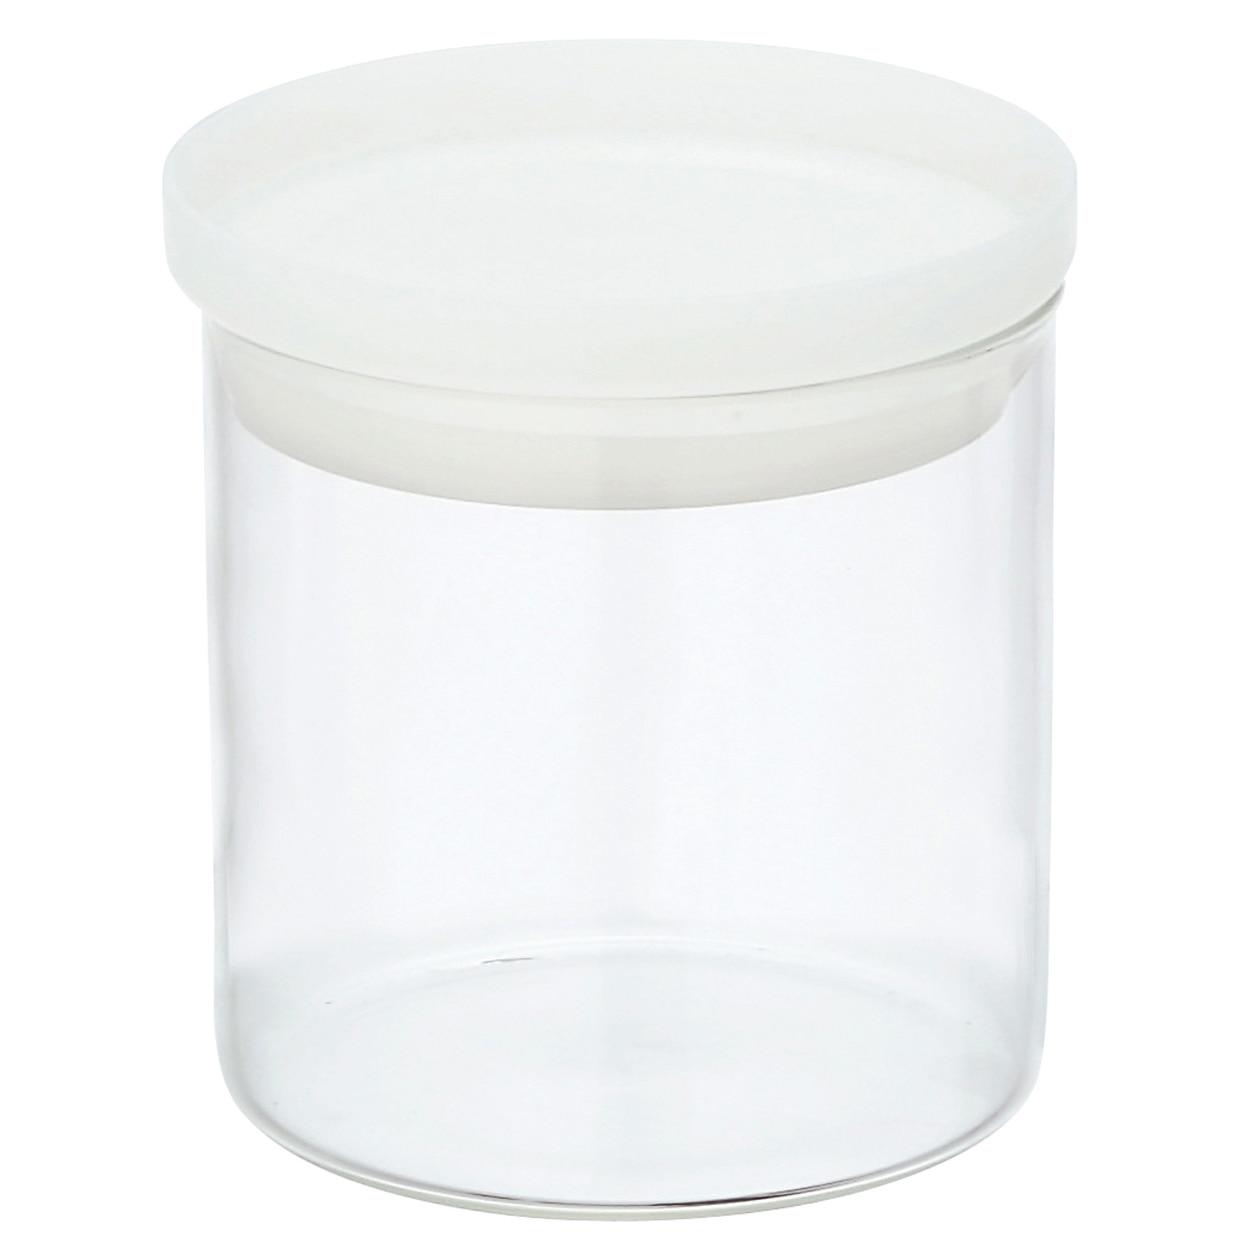 耐熱ガラス丸型保存容器 3の写真